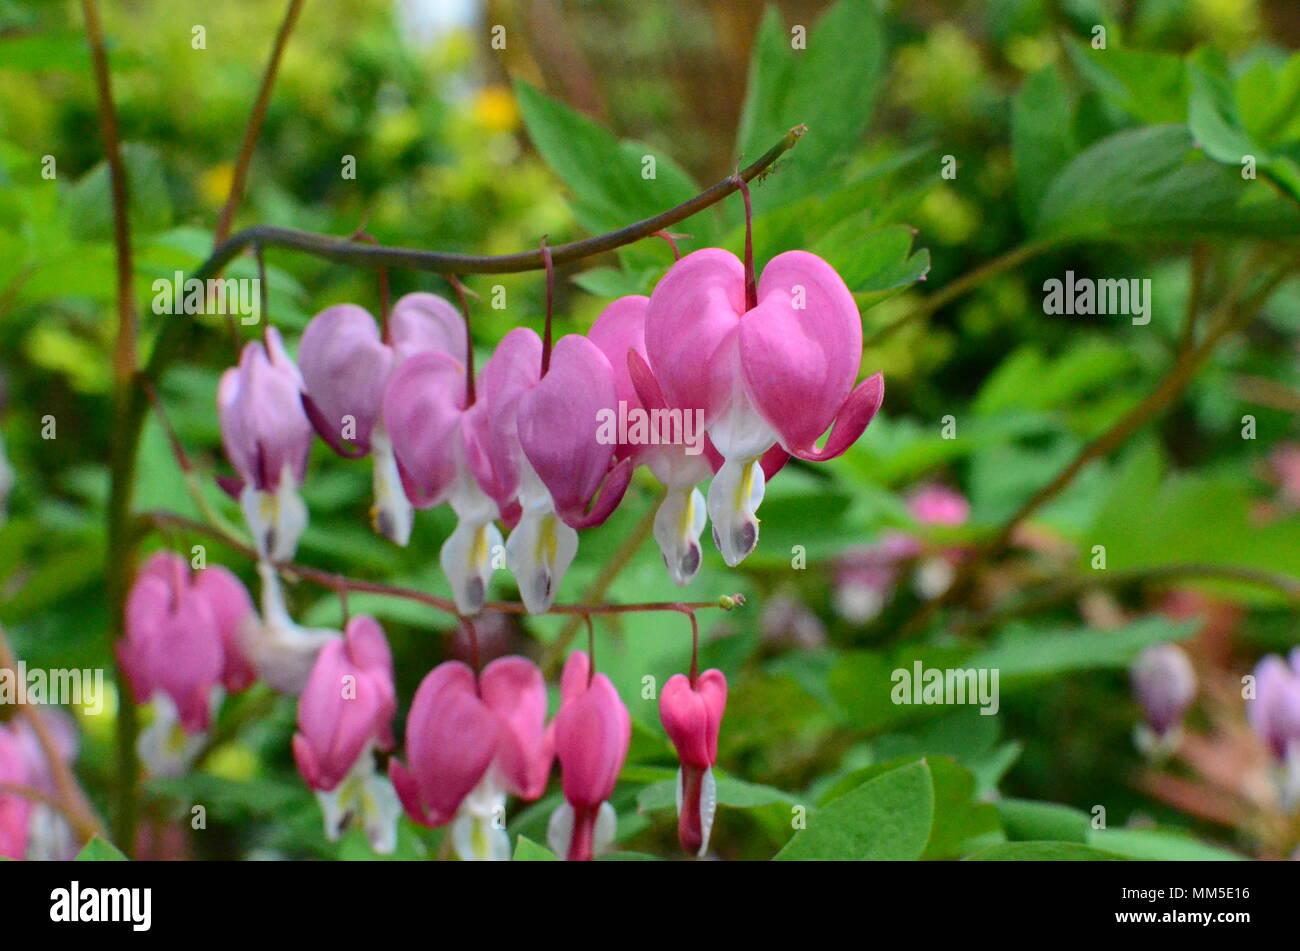 White Bleeding Heart Plant Heart Shaped Flowers Stock Photo